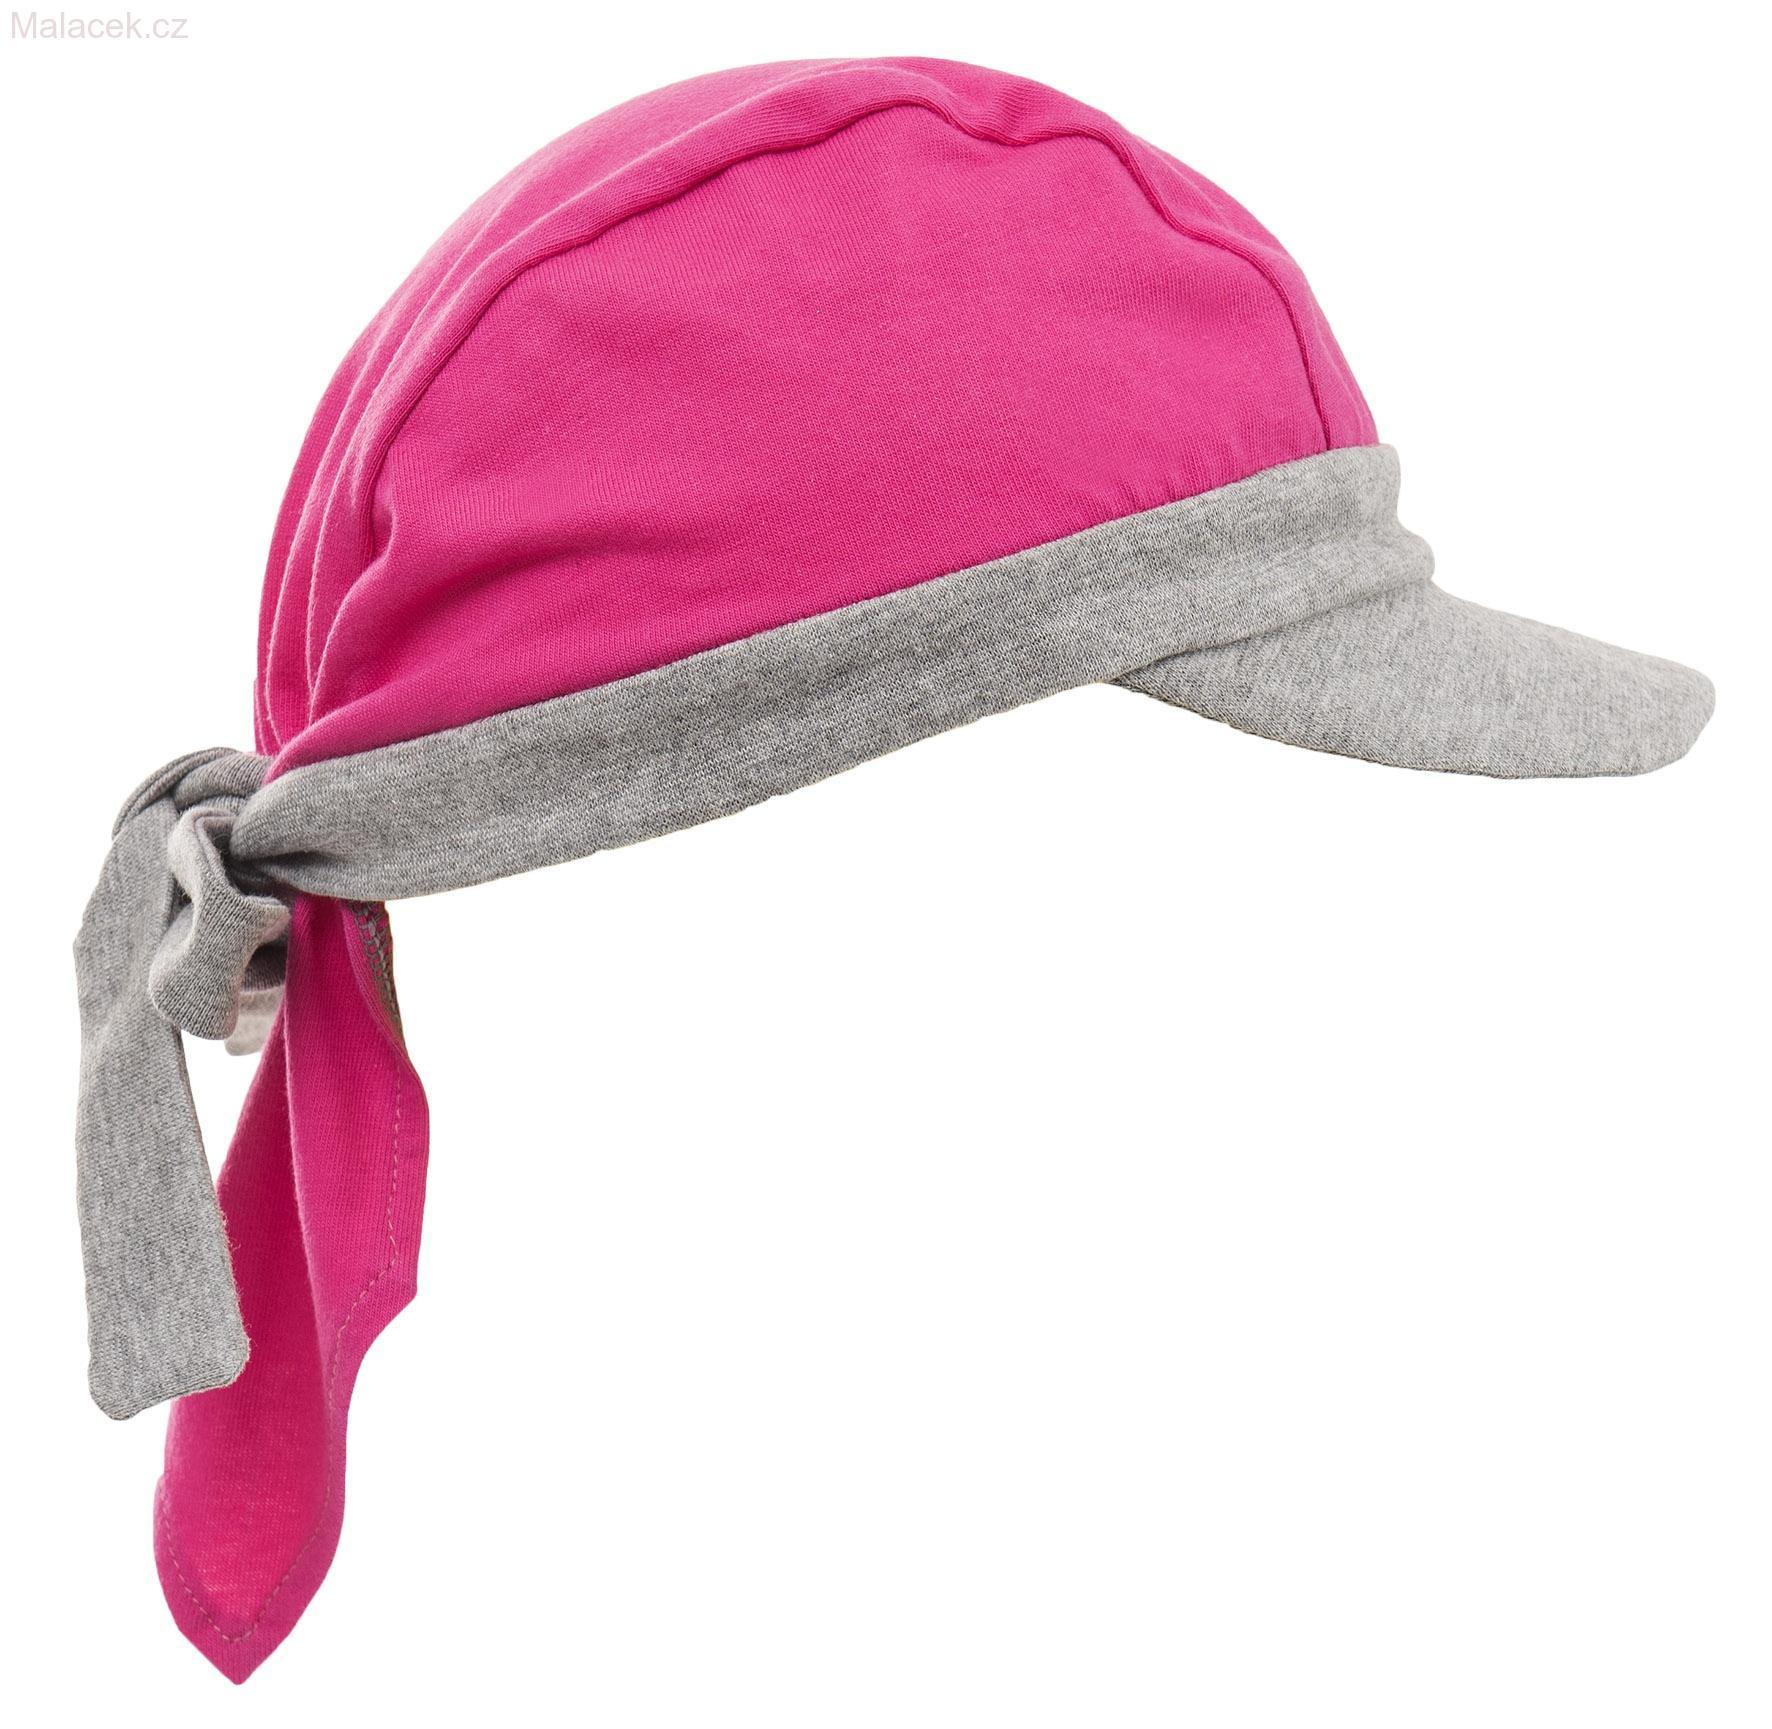 a71fd4746df Pirátský šátek s kšiltem růžový